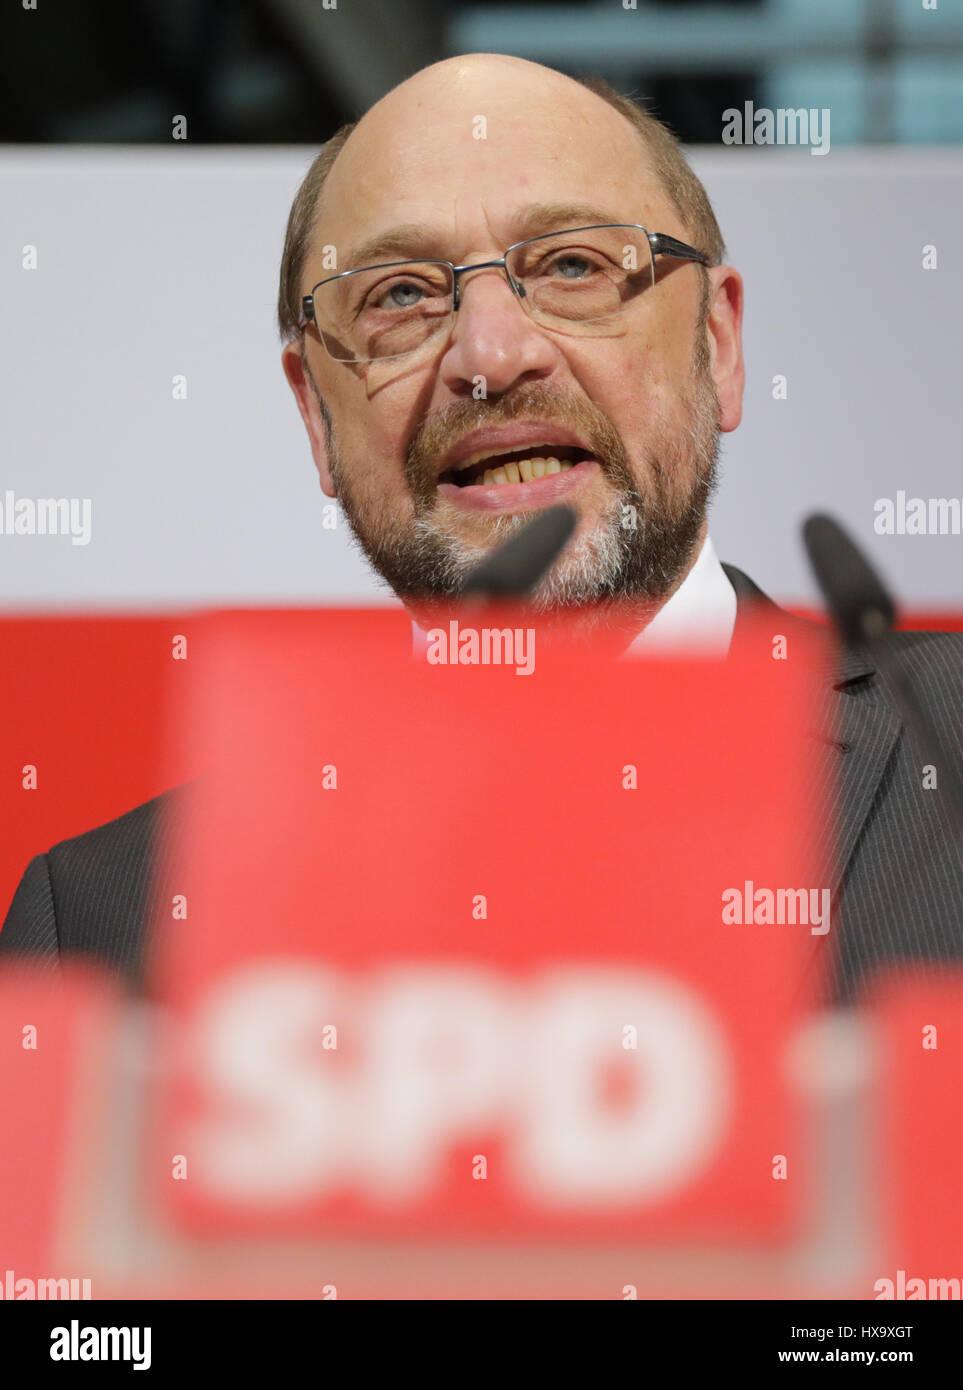 Berlín, Alemania. 26 Mar, 2017. Martin Schulz, presidente y el canciller candidato del Partido Social Demócrata de Alemania (SPD), ofrece comentarios tras las elecciones del estado de Saarland, en Berlín, Alemania, el 26 de marzo de 2017. Foto: Kay Nietfeld/dpa/Alamy Live News Foto de stock